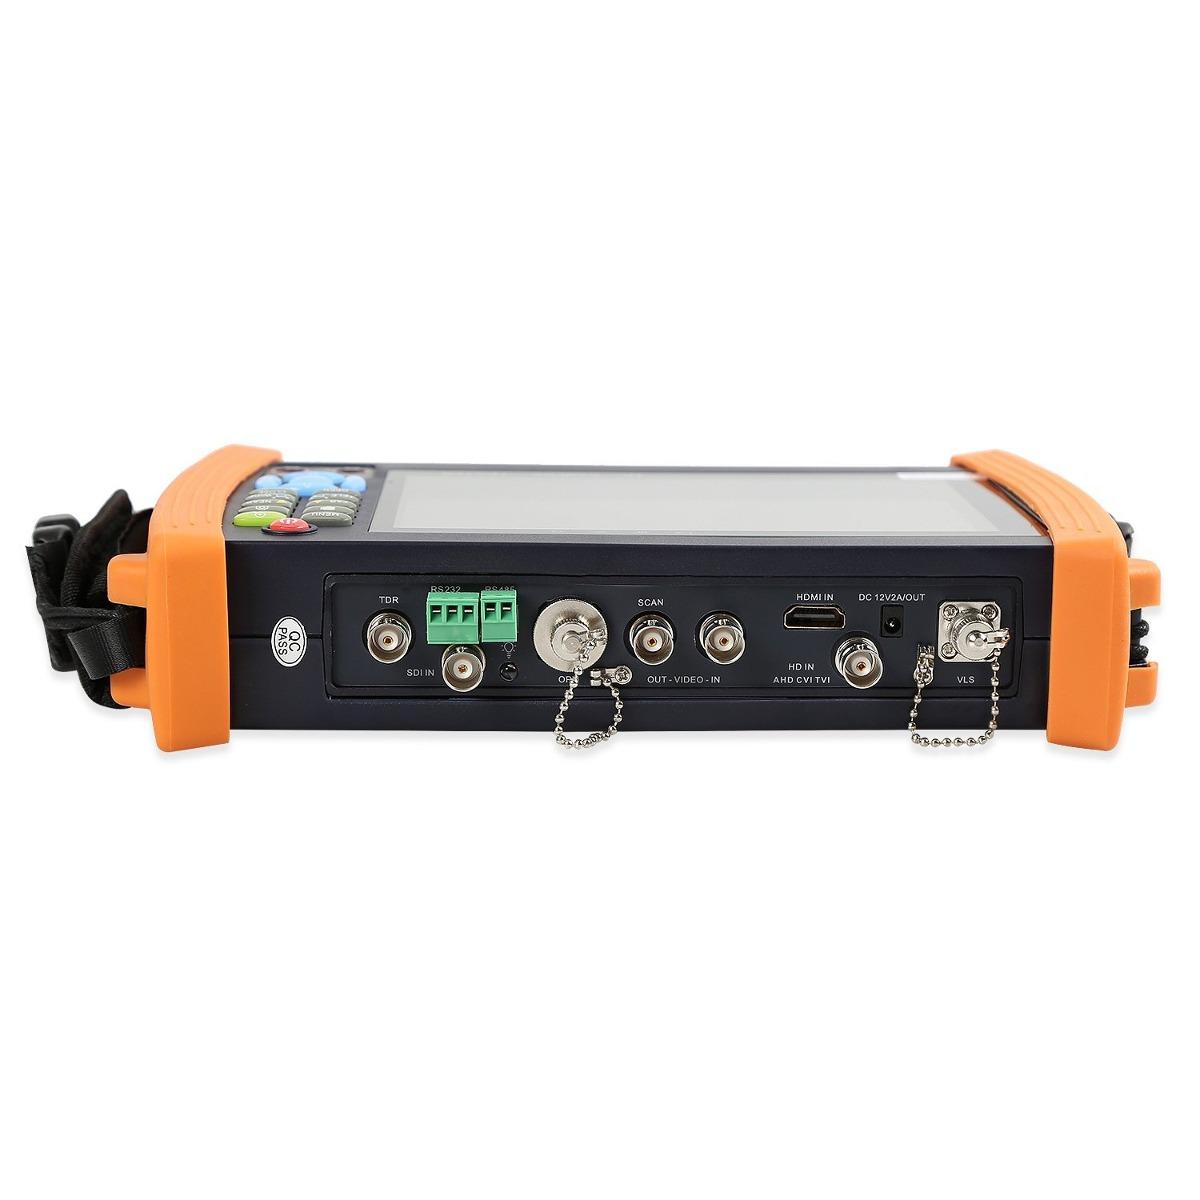 Electop 7 Inch Cctv Tester 1080p Ip Camera Onvif Monitor Sd Cargando Zoom